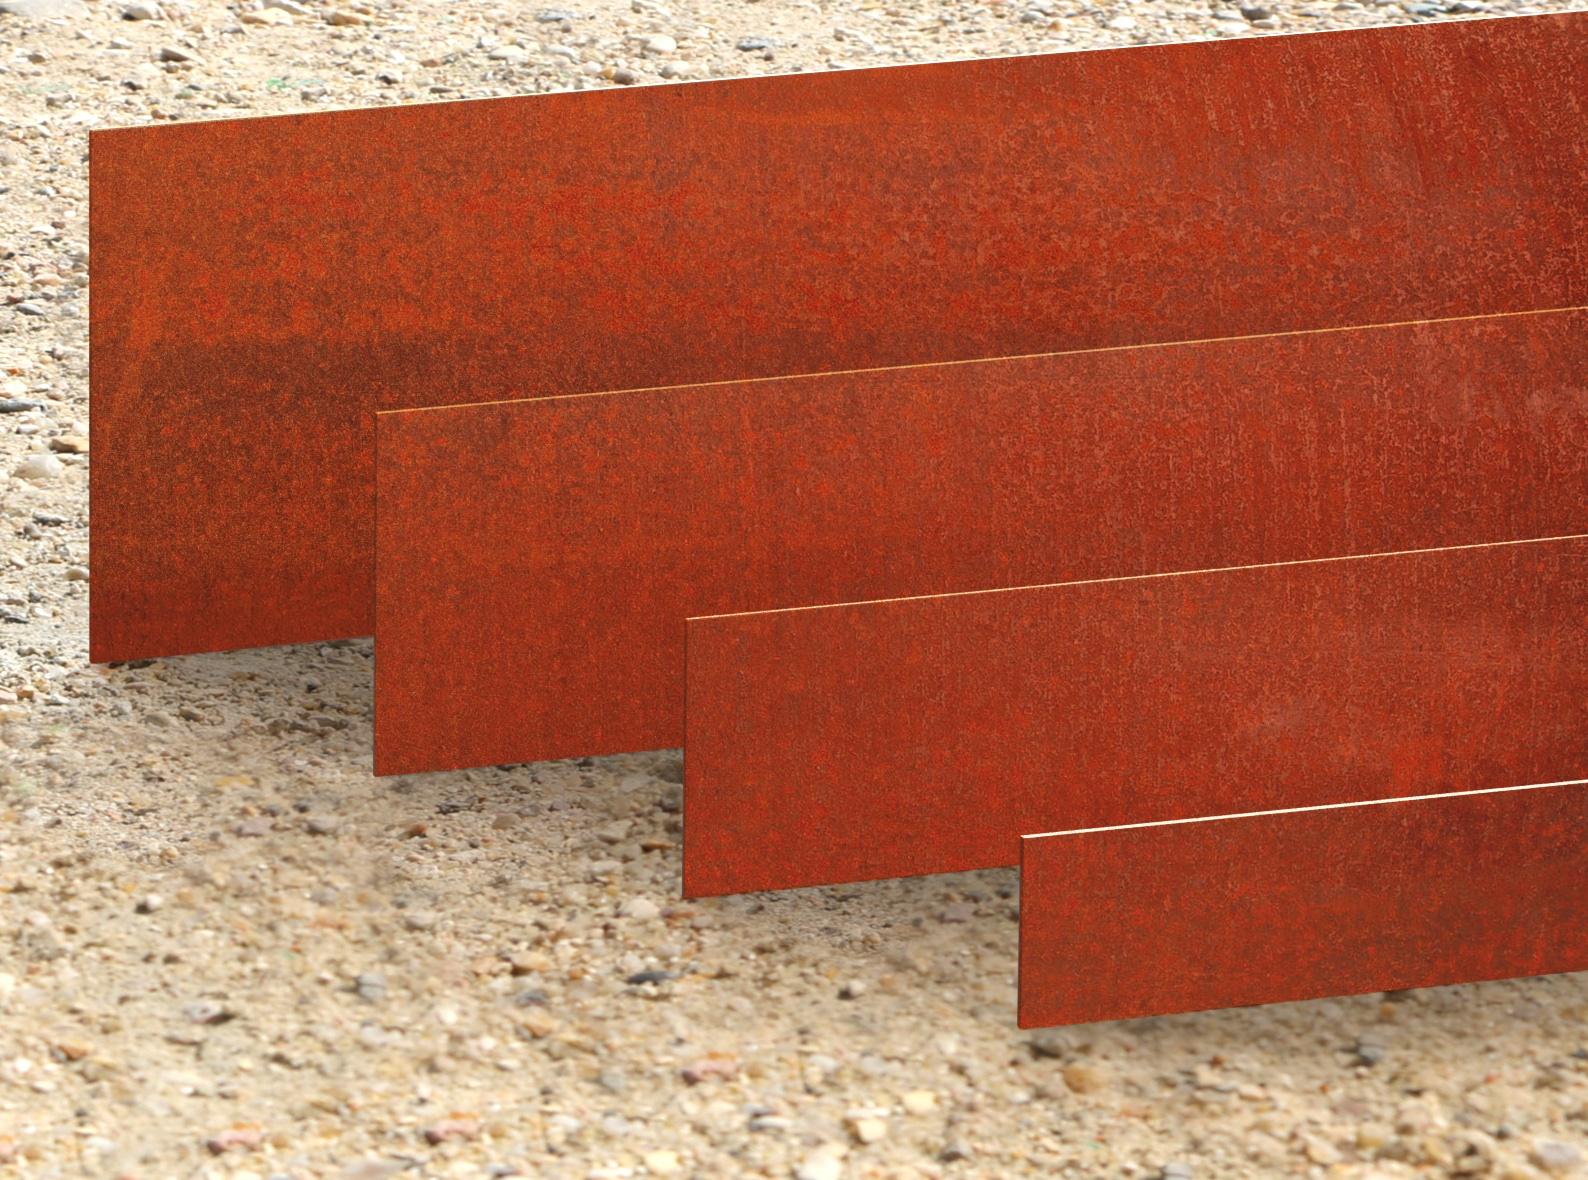 Bordure de jardin et massif en fer rouillé vieilli acier corten métallique